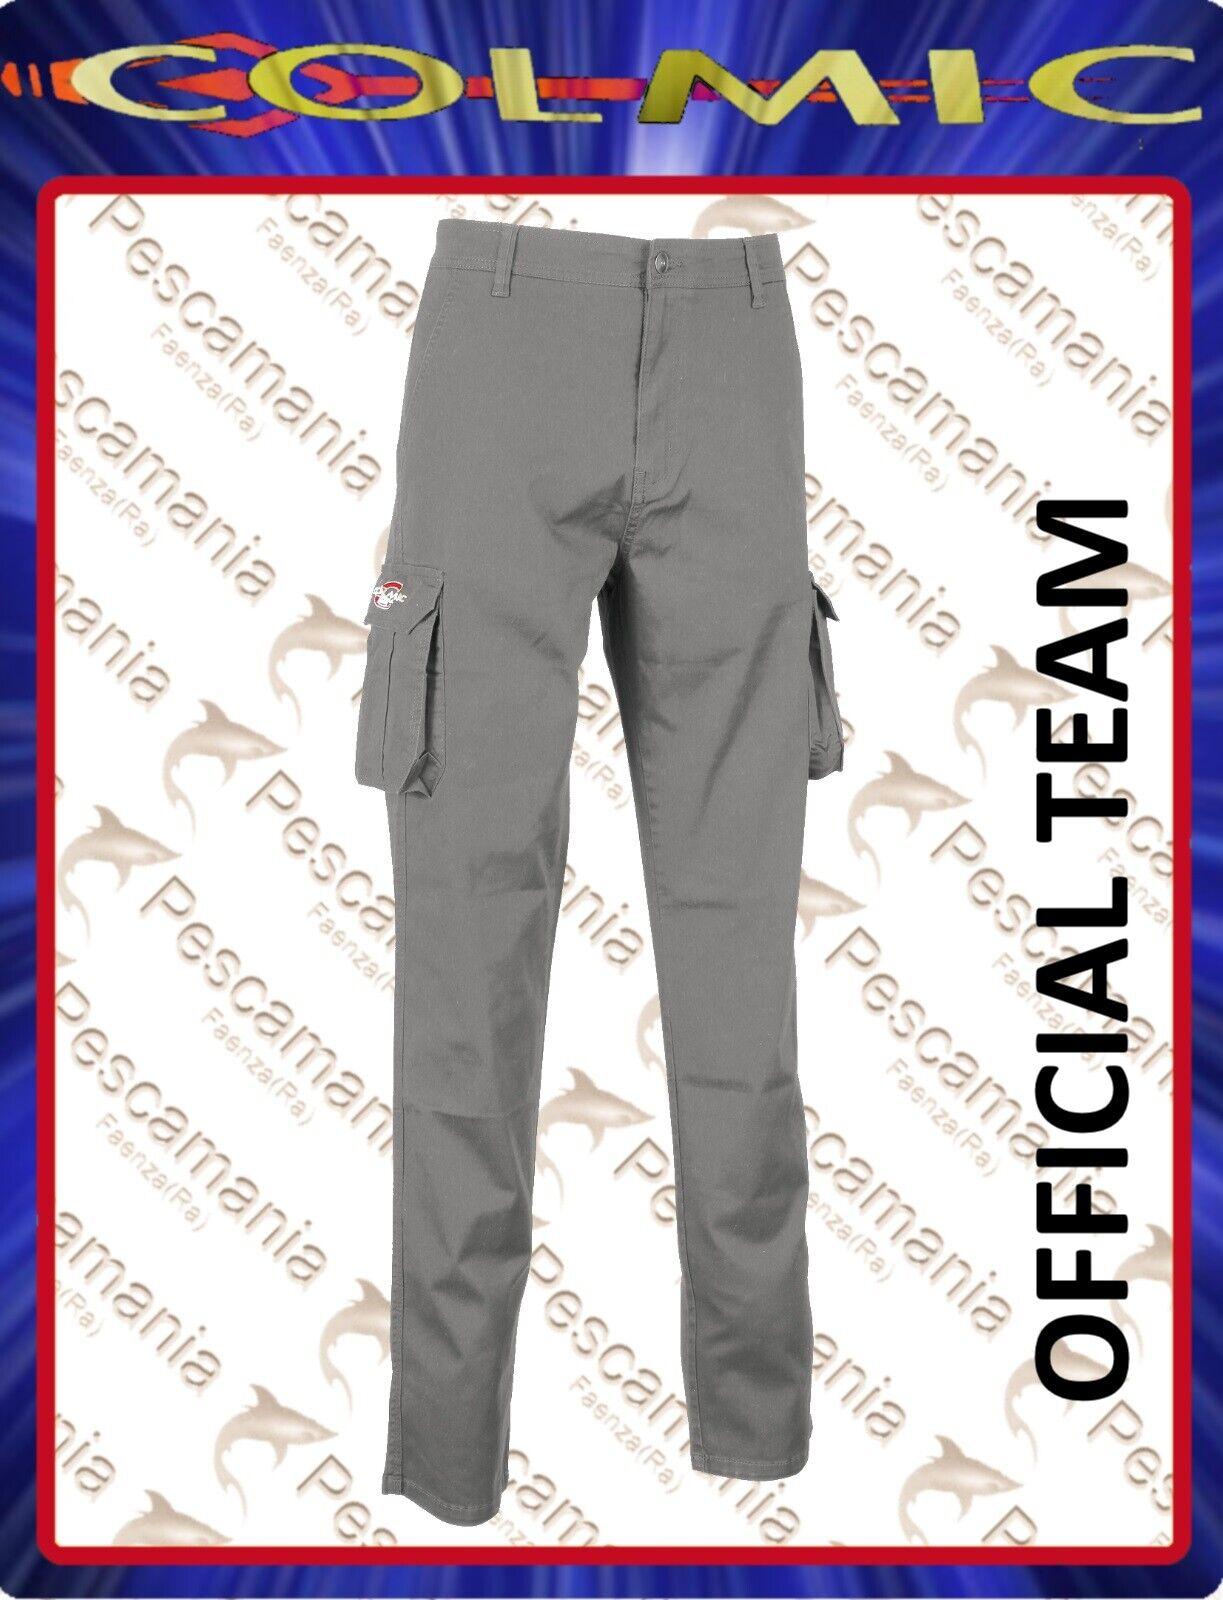 Pantalone Colmic grau SUMMER Offizielles Team cotone elastan